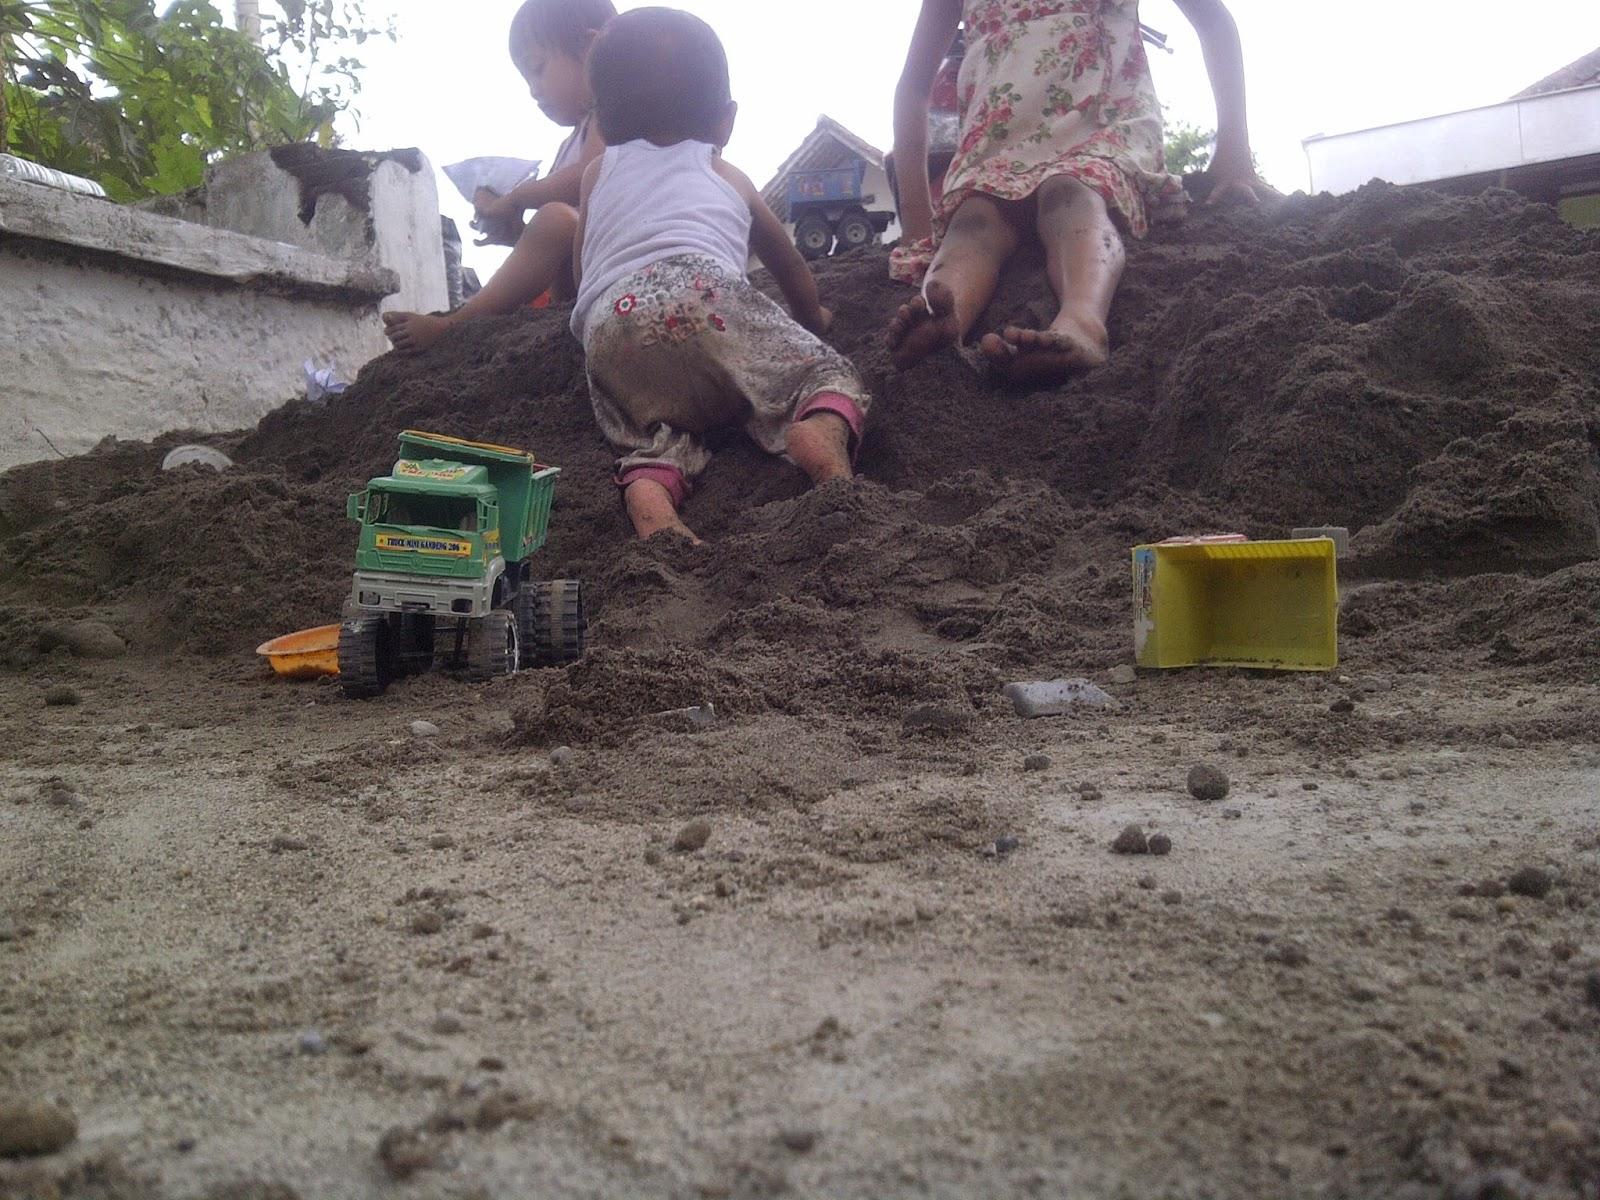 Anak Balita 1 Tahun Bermain Pasir